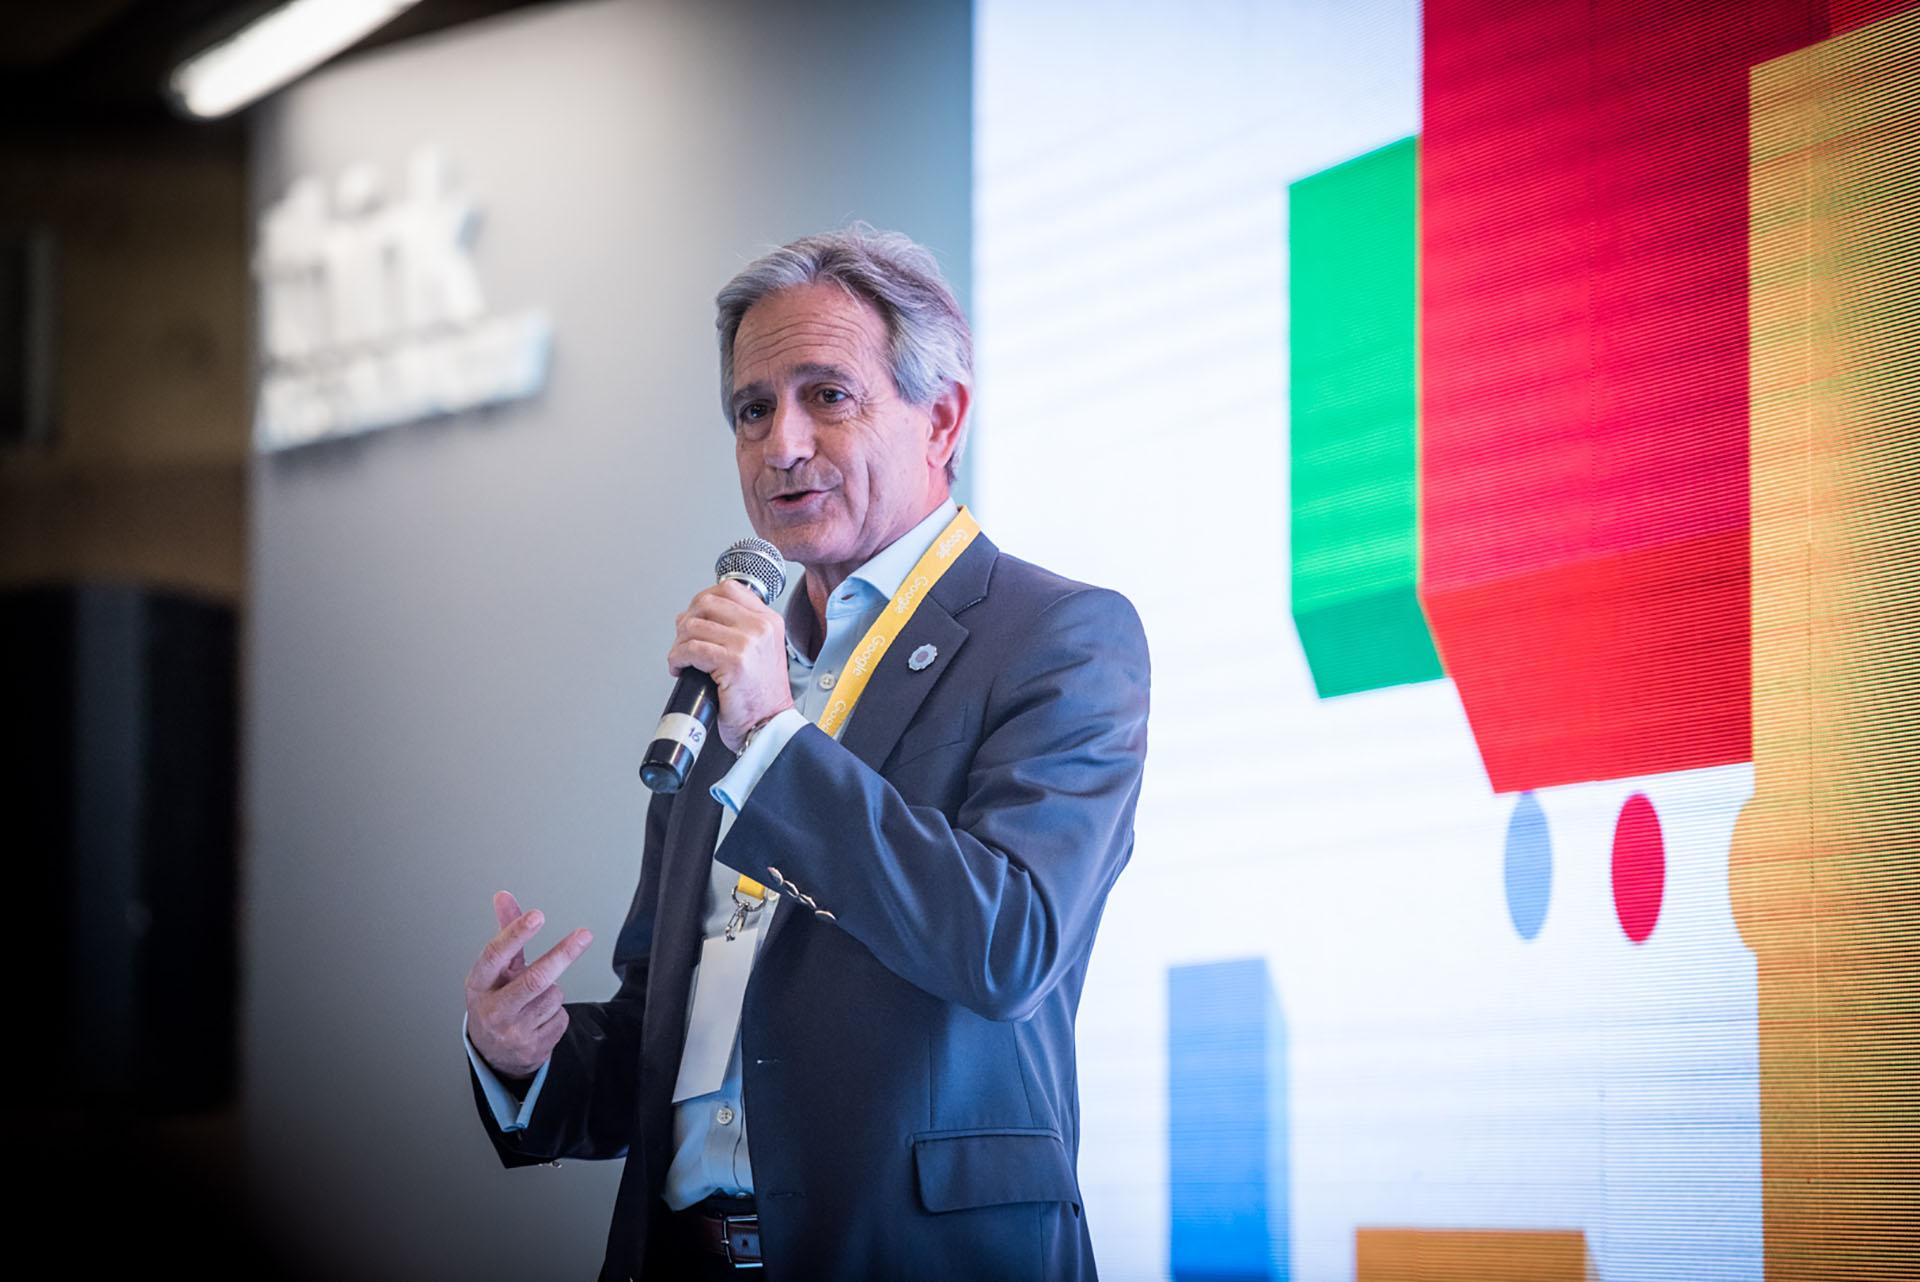 Andrés Ibarra, ministro de Modernización de la Nación habló sobre el plan de simplificación y transformación digital que se está llevando adelante desde el Gobierno